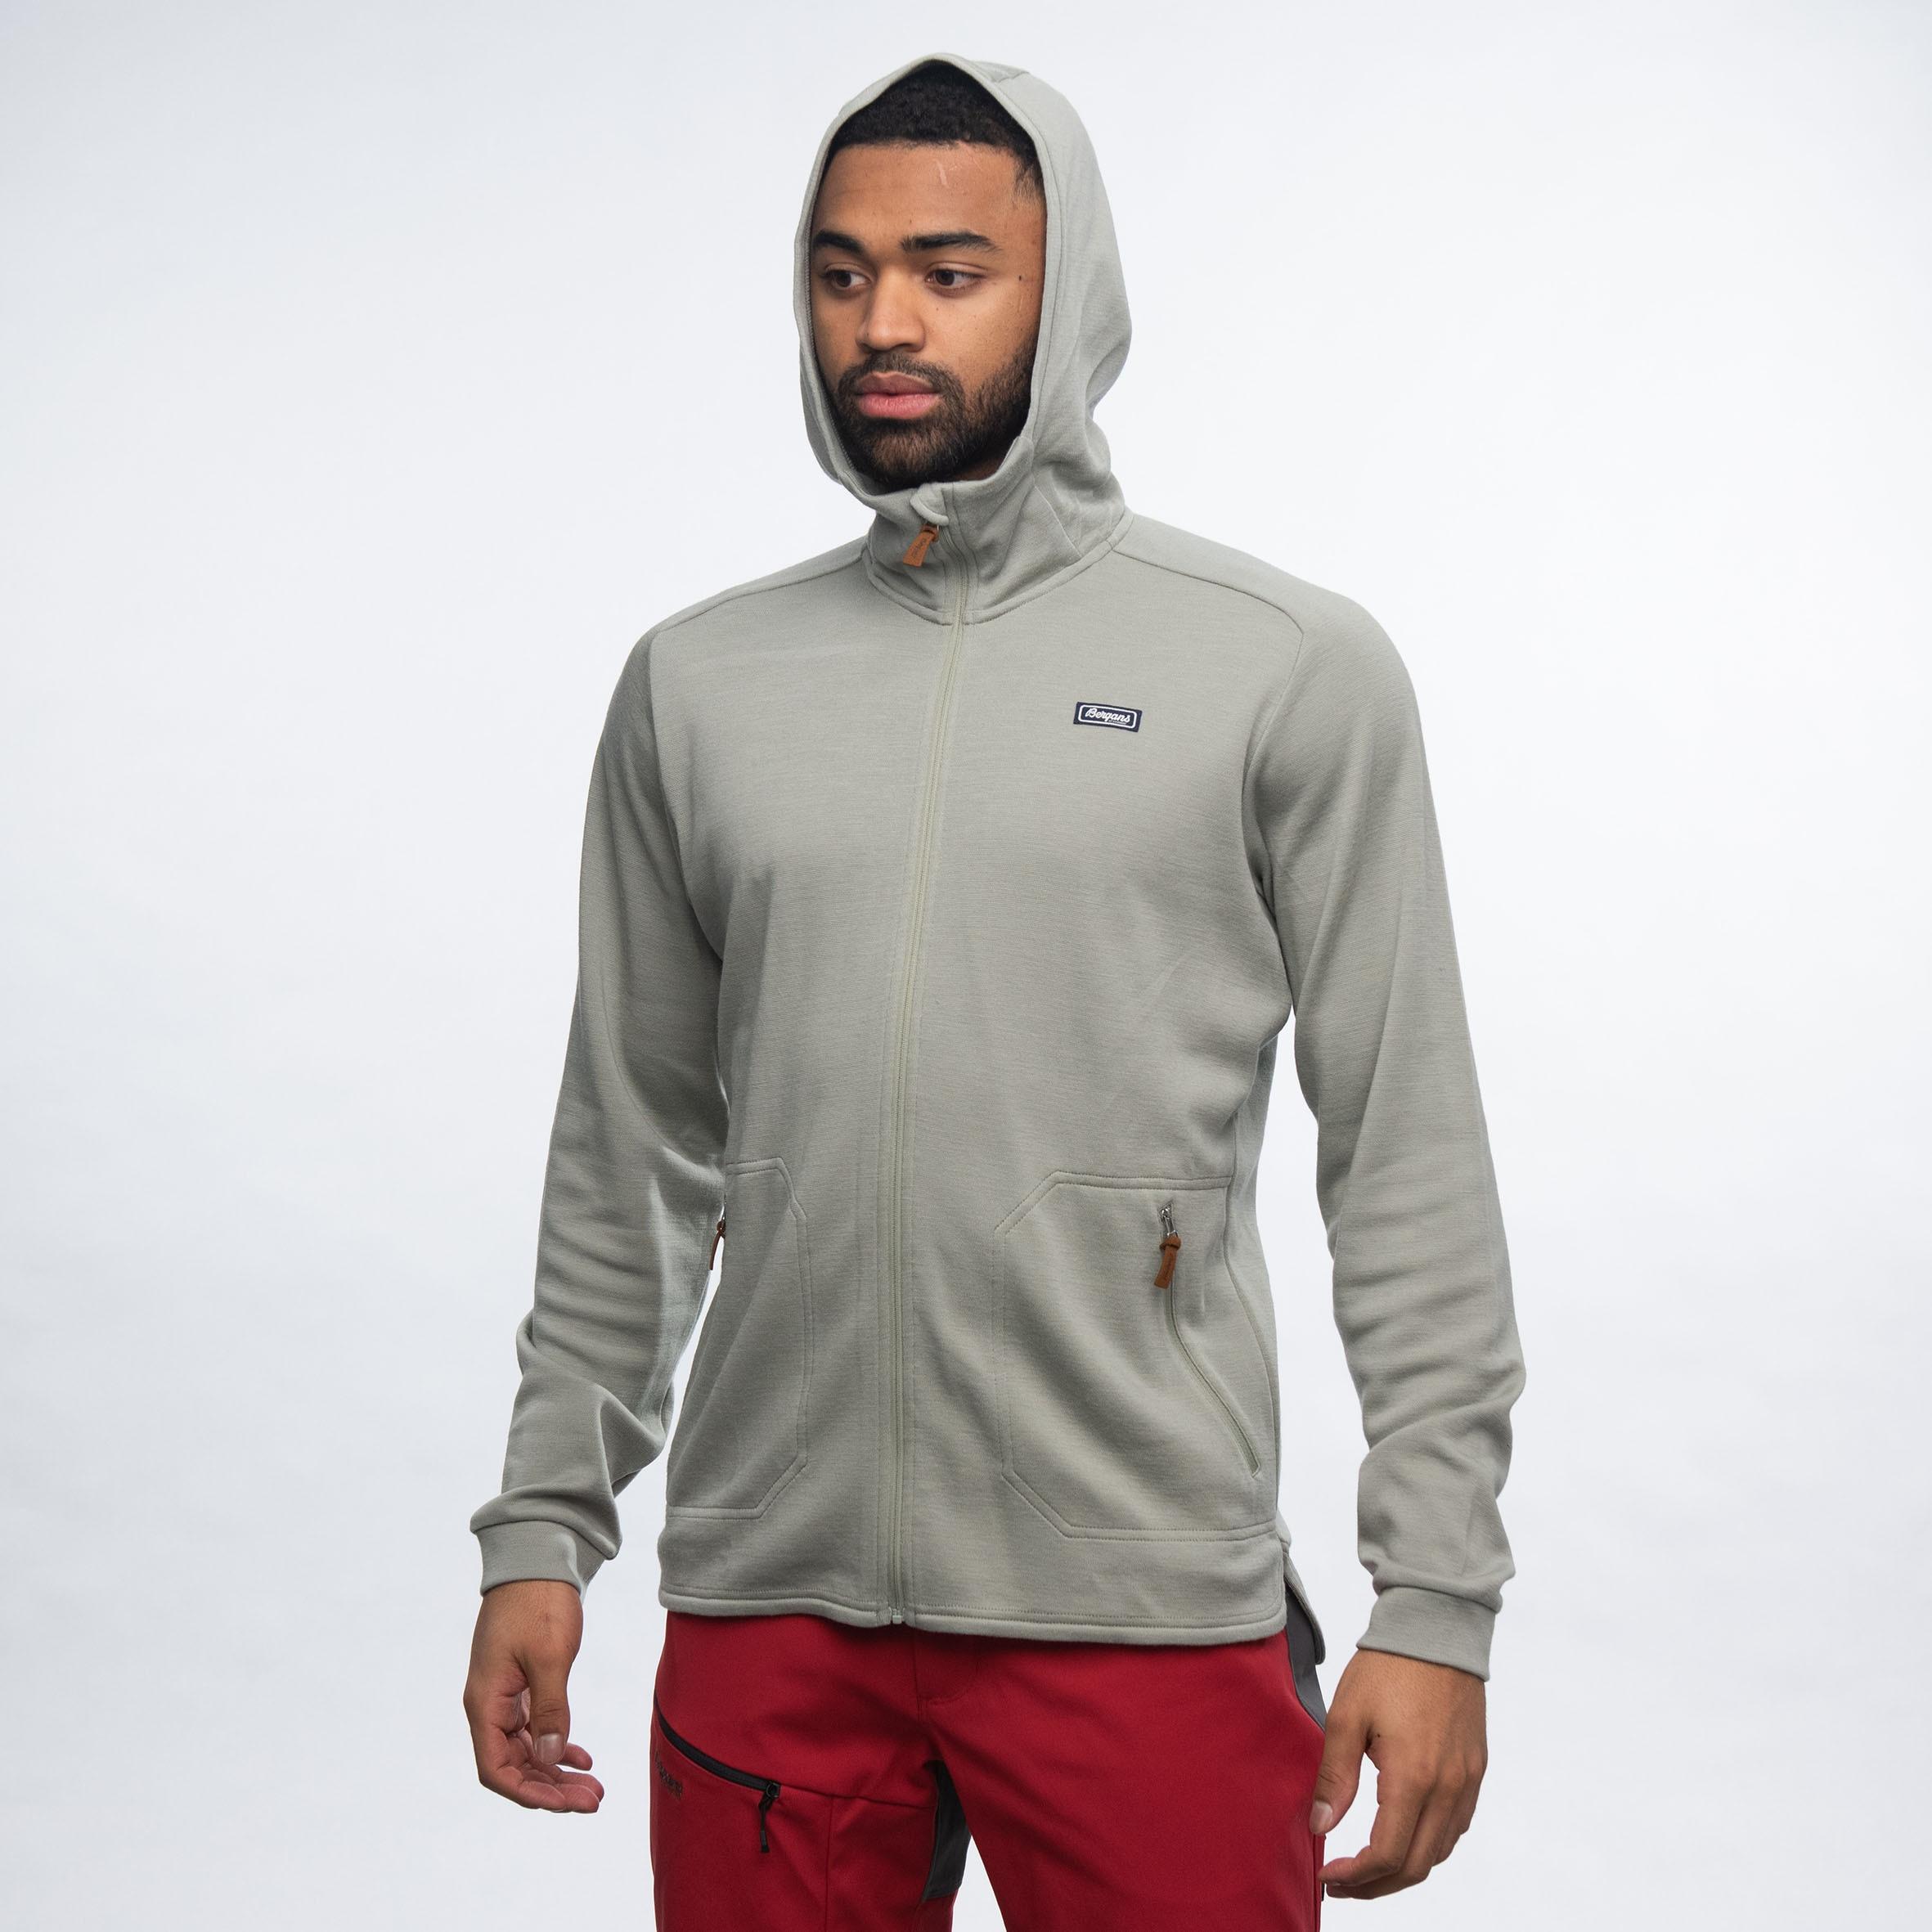 Tuva Light Wool Hood Jacket